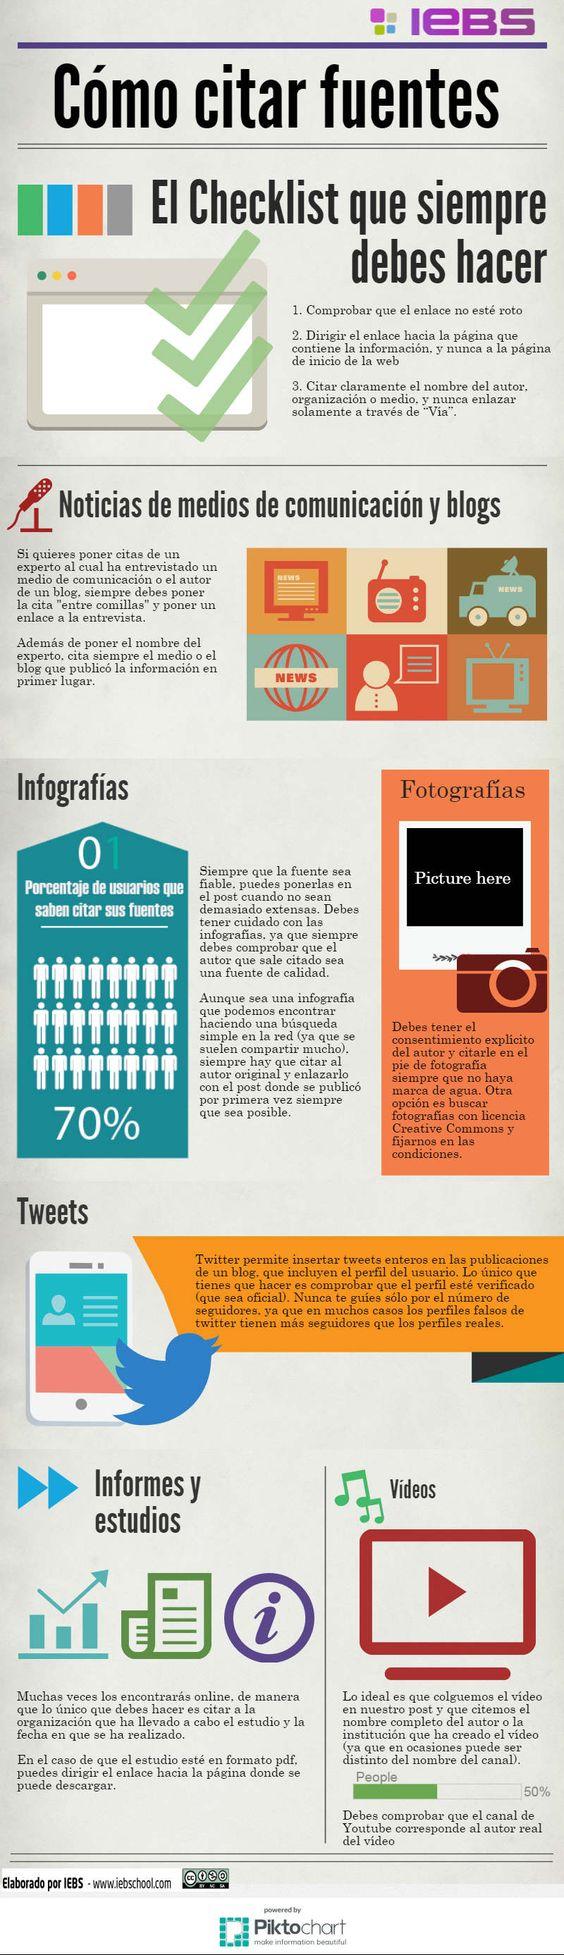 Cómo citar fuentes. El checklist que siempre debes hacer. Infografía en español. #CommunityManager